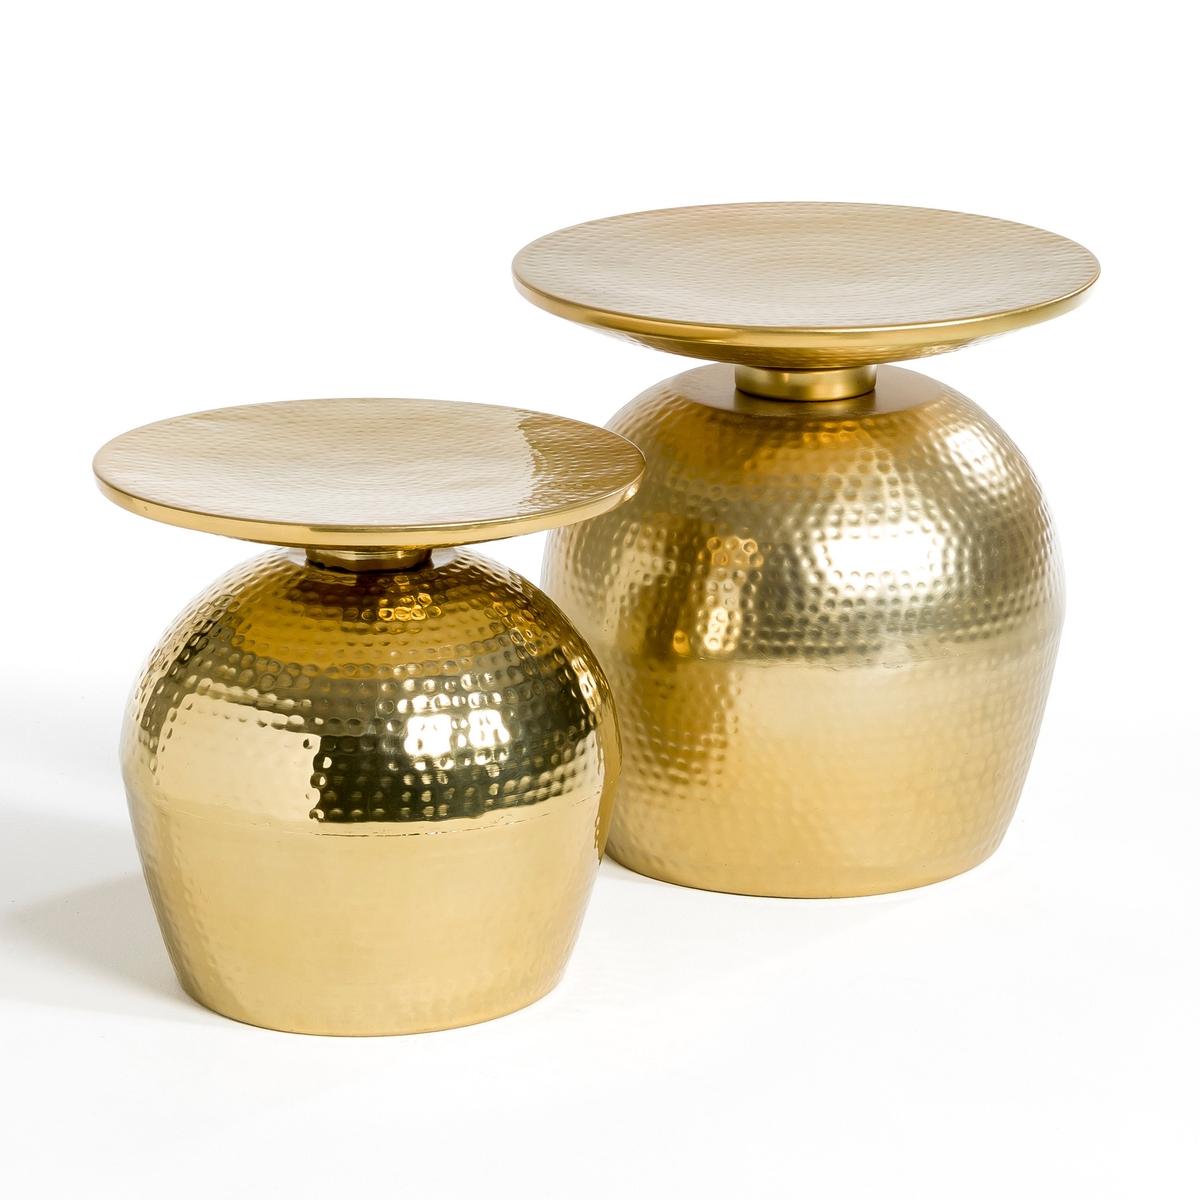 Столик Lothar, большая модель<br><br>Цвет: золотистый